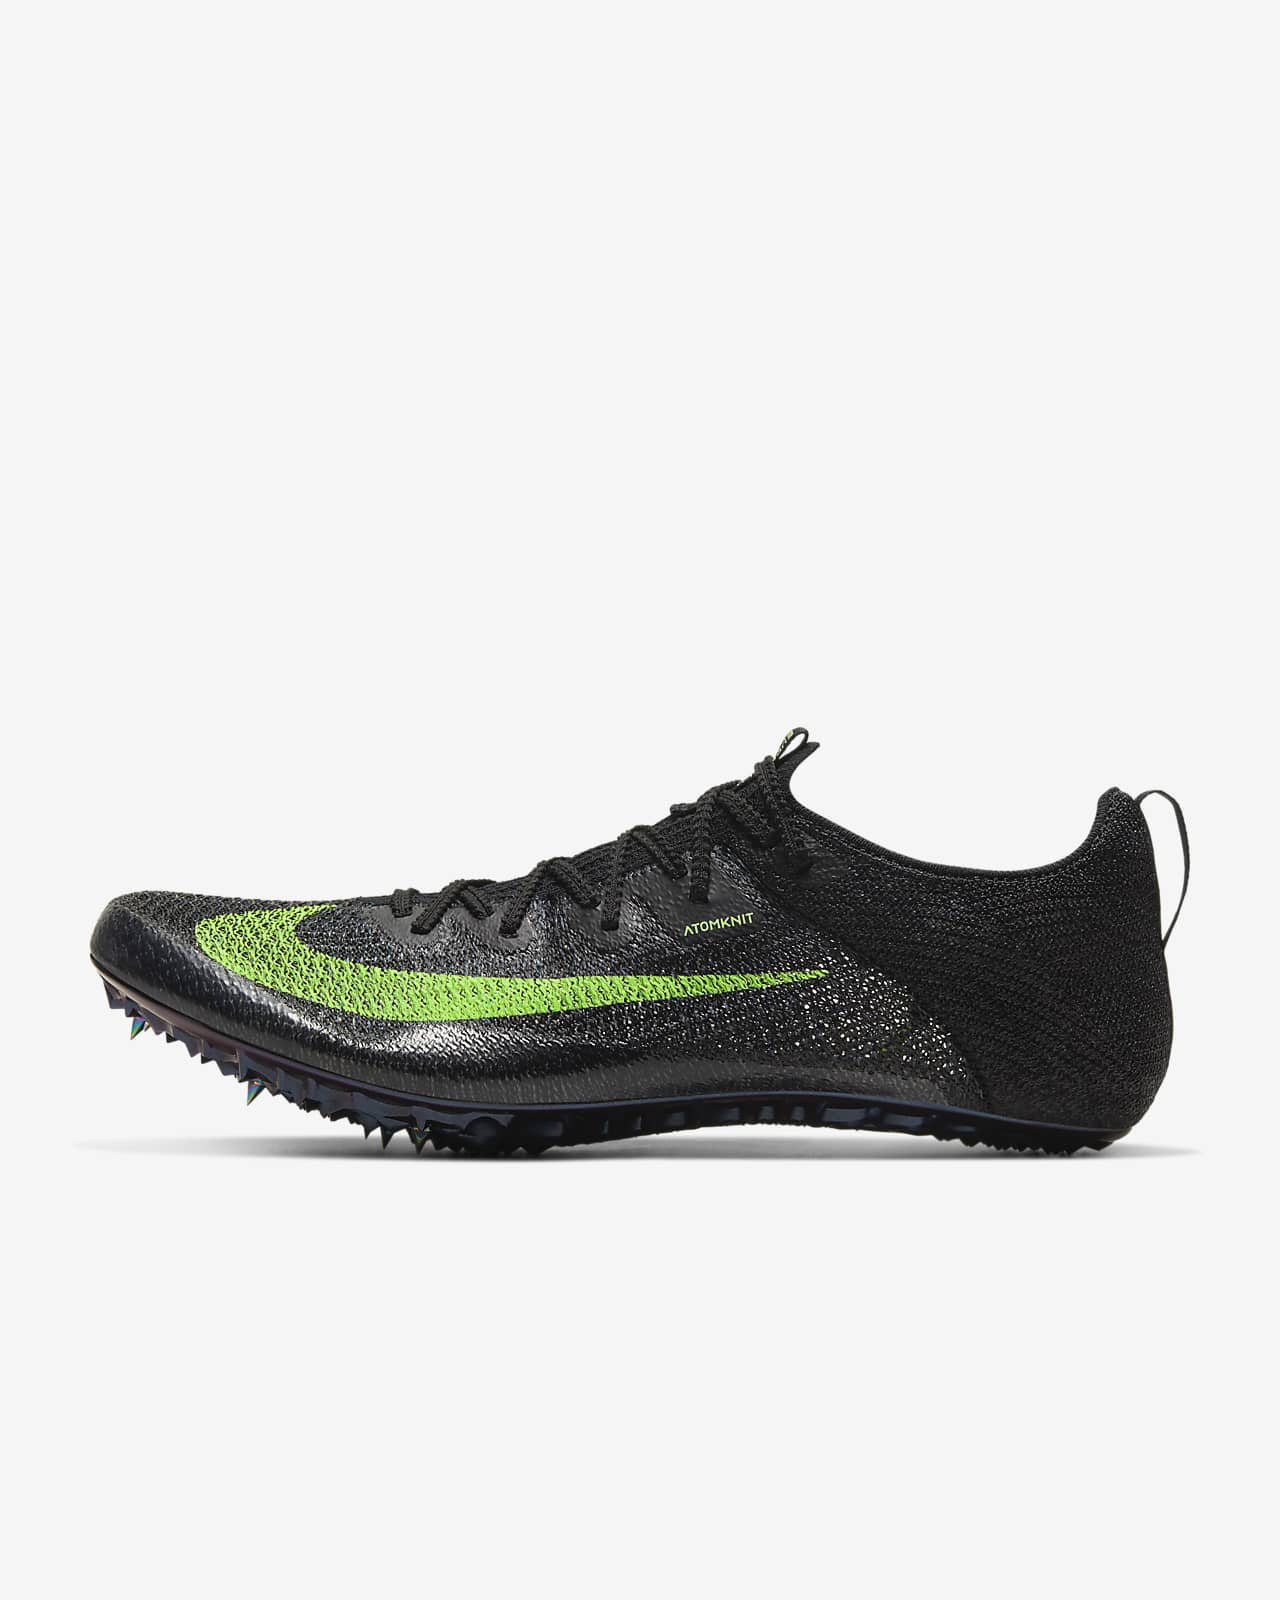 Nike Zoom Superfly Elite 2 Racing Spike